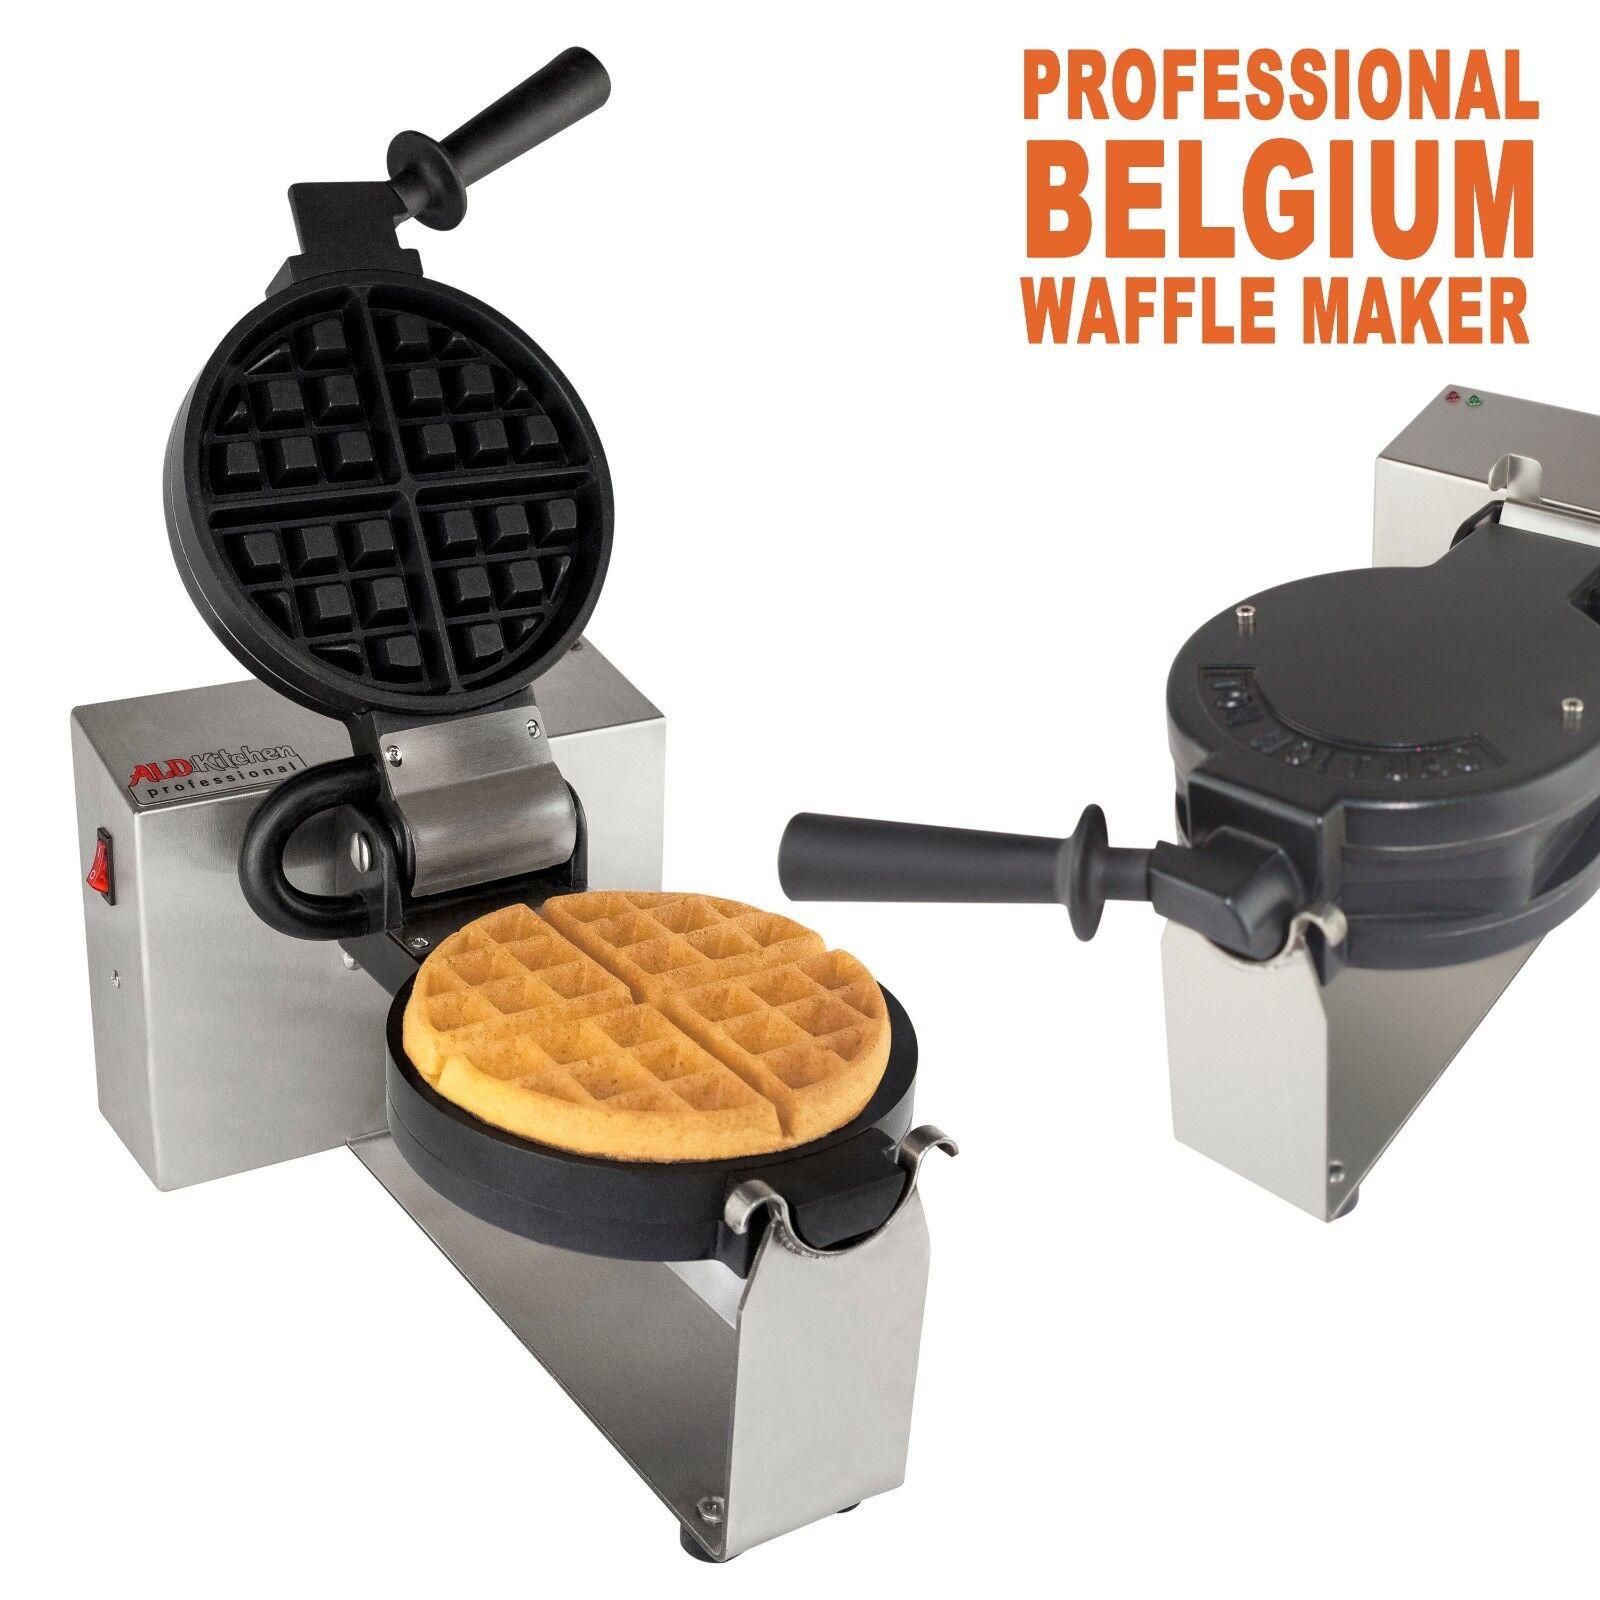 BELGIUM Waffle Maker Professional Non-Baton de fer 110 V (pour la Belgique Gaufre)